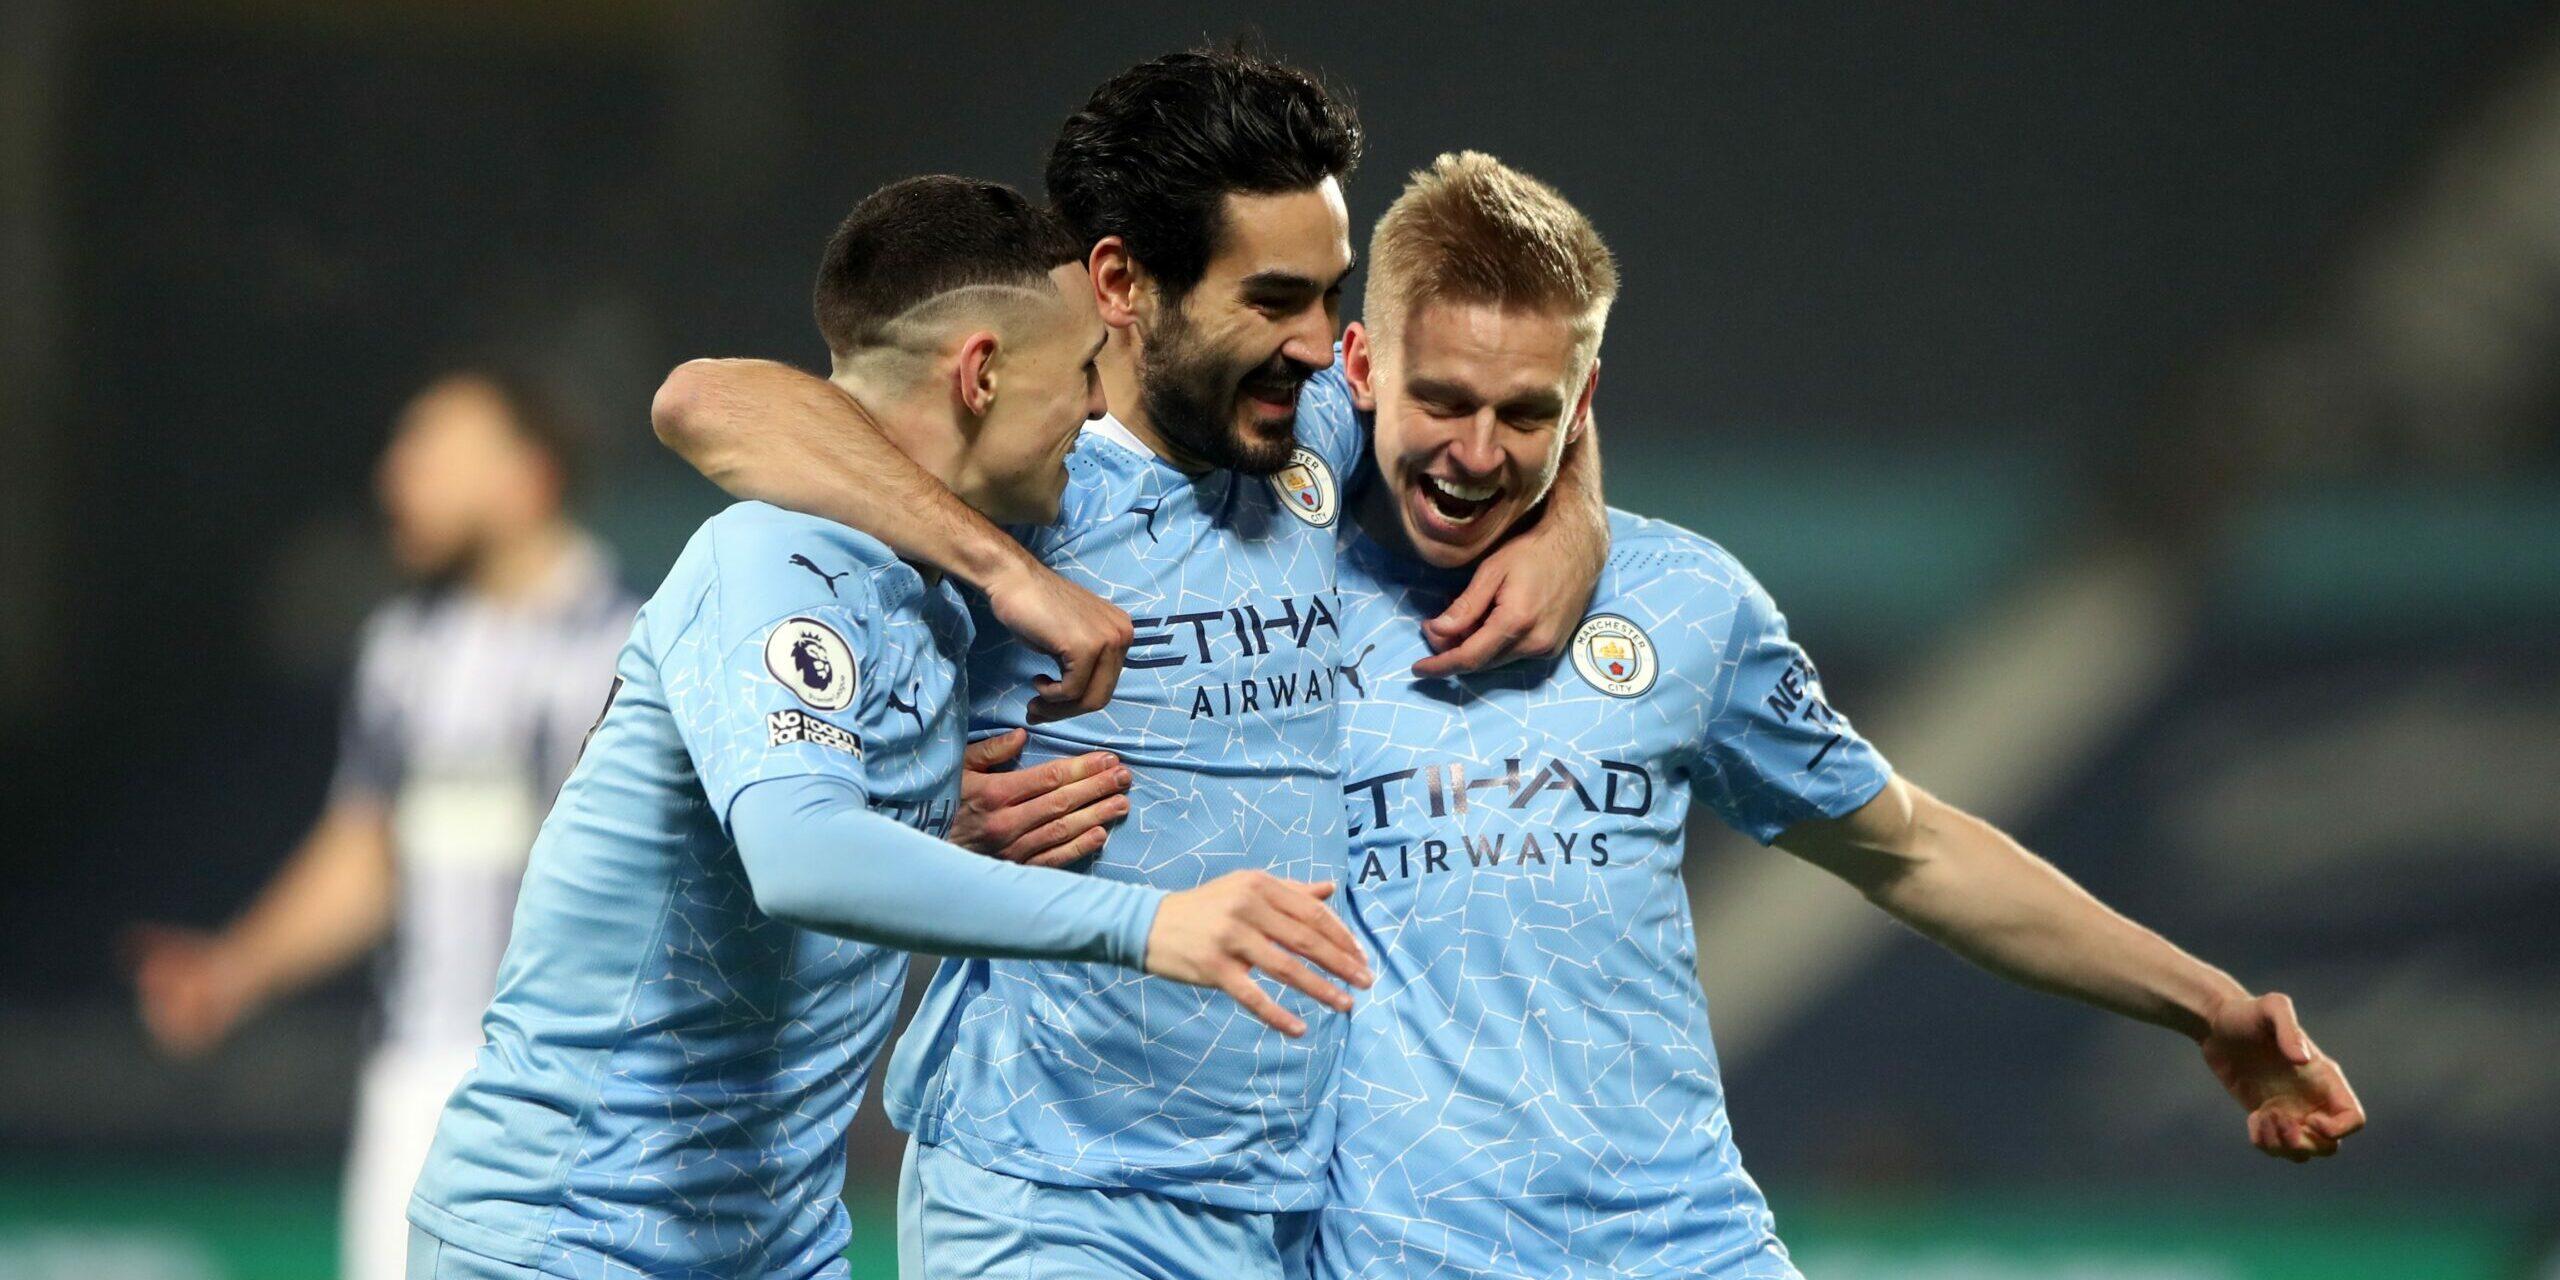 Els jugadors del Manchester City celebren un gol | Europa Press